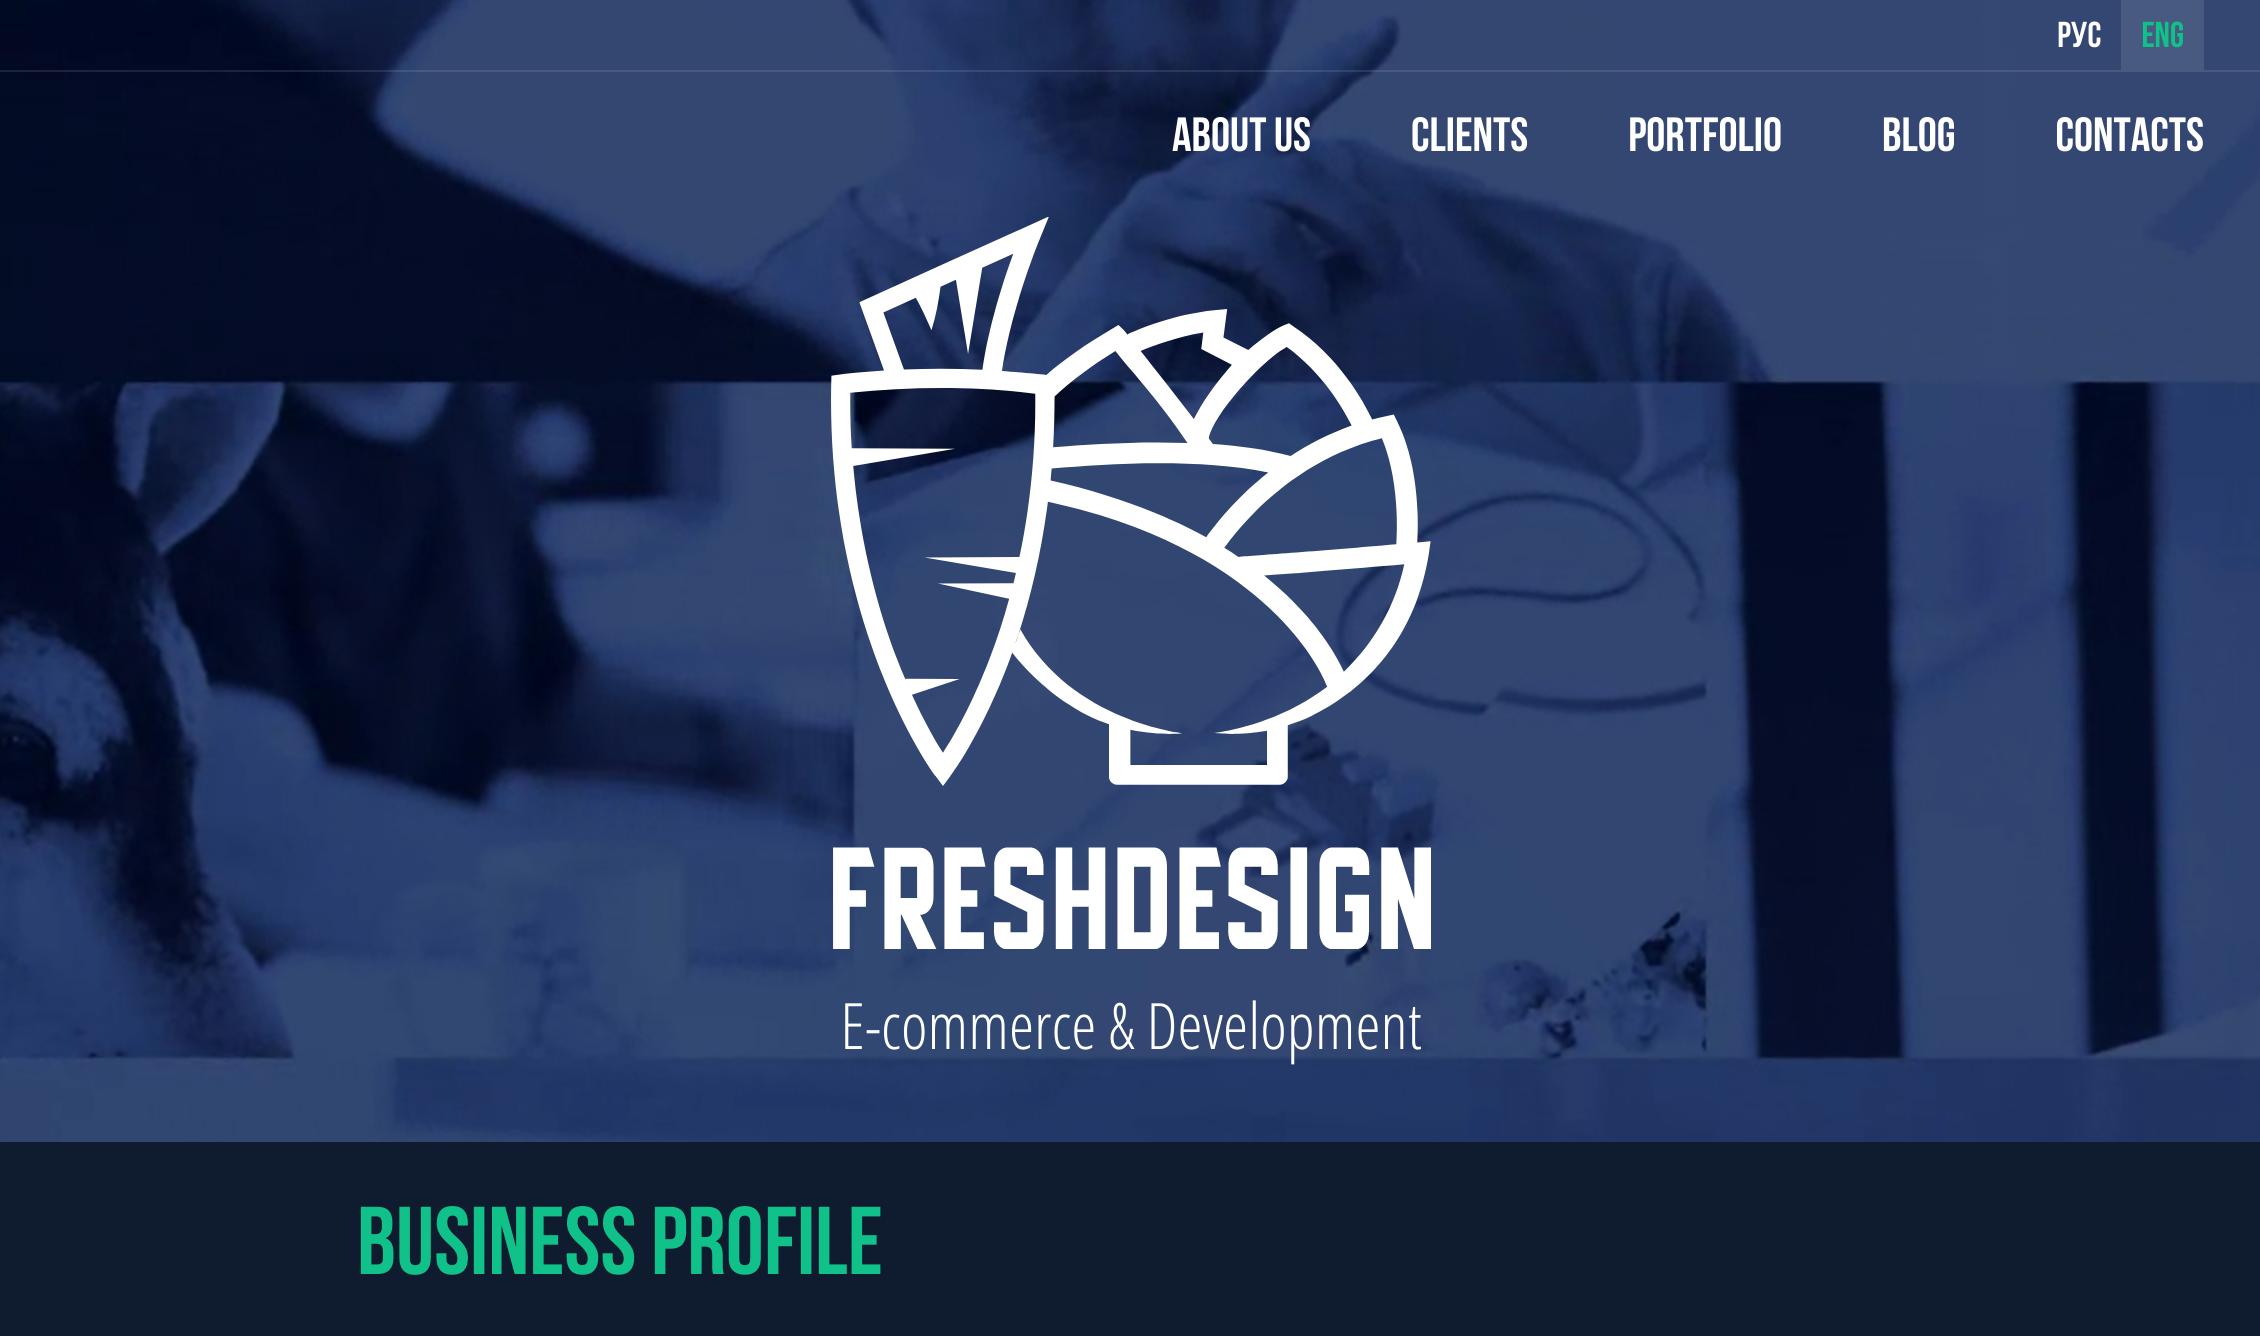 freshdesign.agency